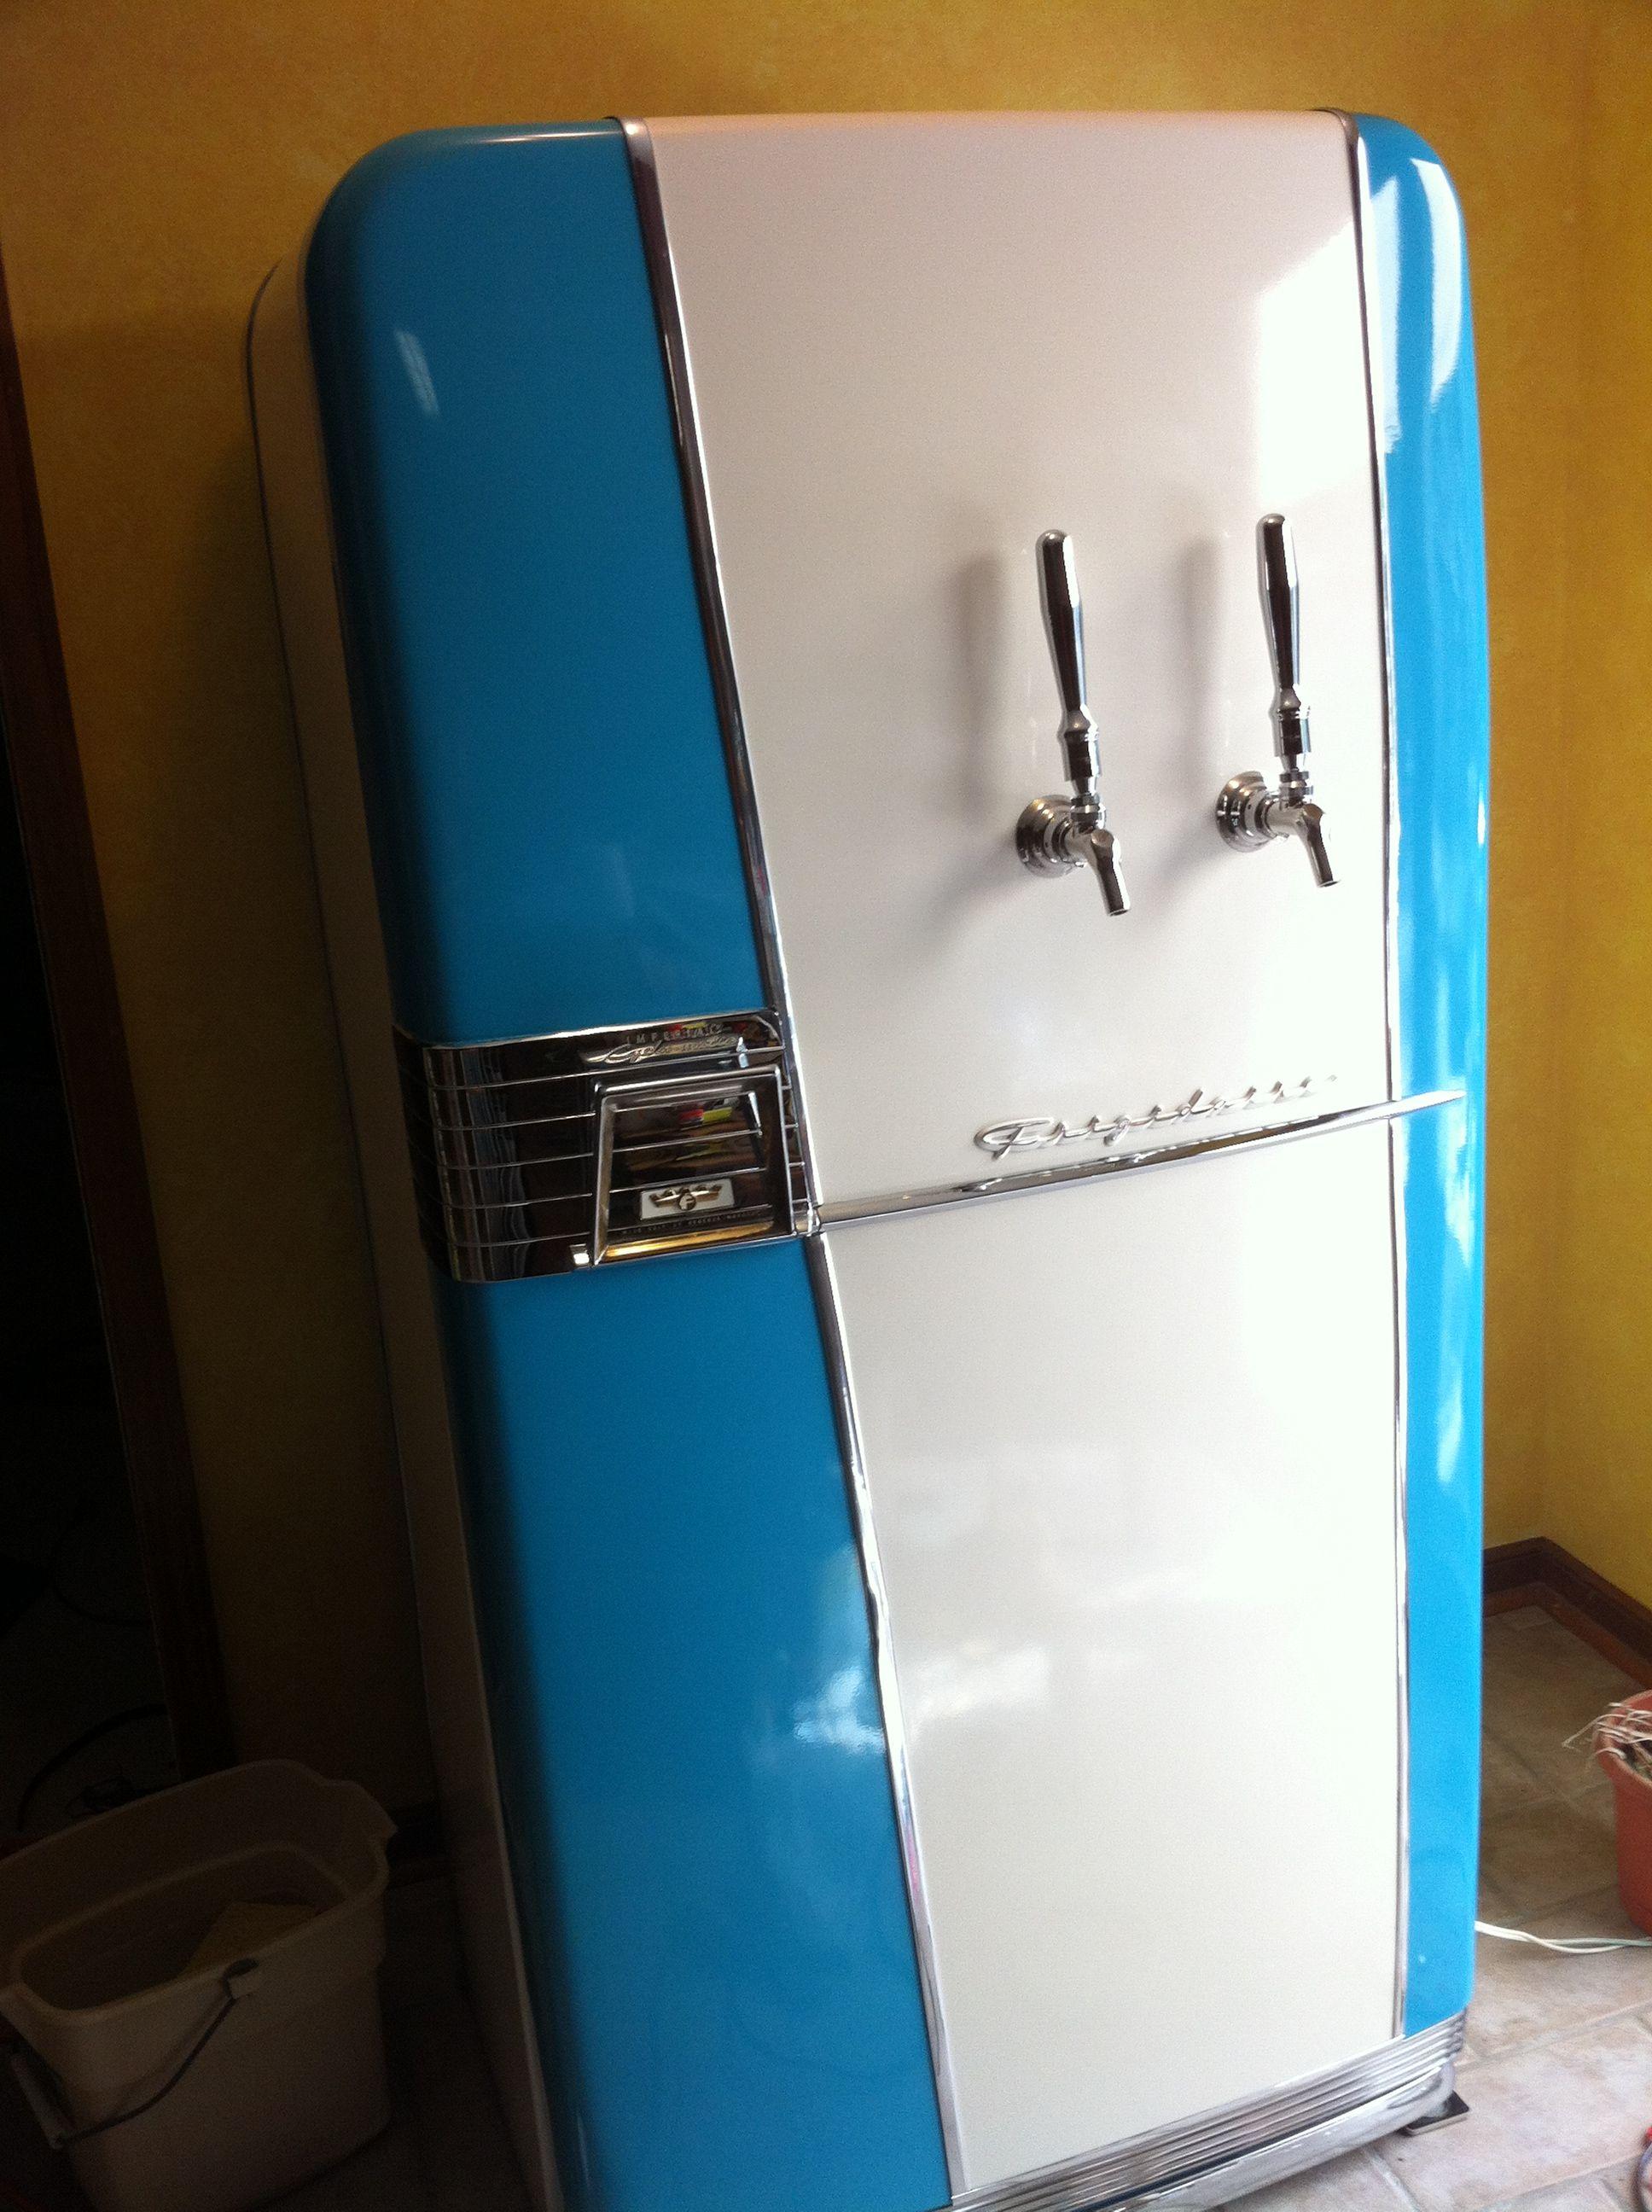 Vintage 1954 Frigidaire Kegerator Build My Sam S Club Kegerator Just Became So Lame Vintage Fridge Old Refrigerator Kegerator